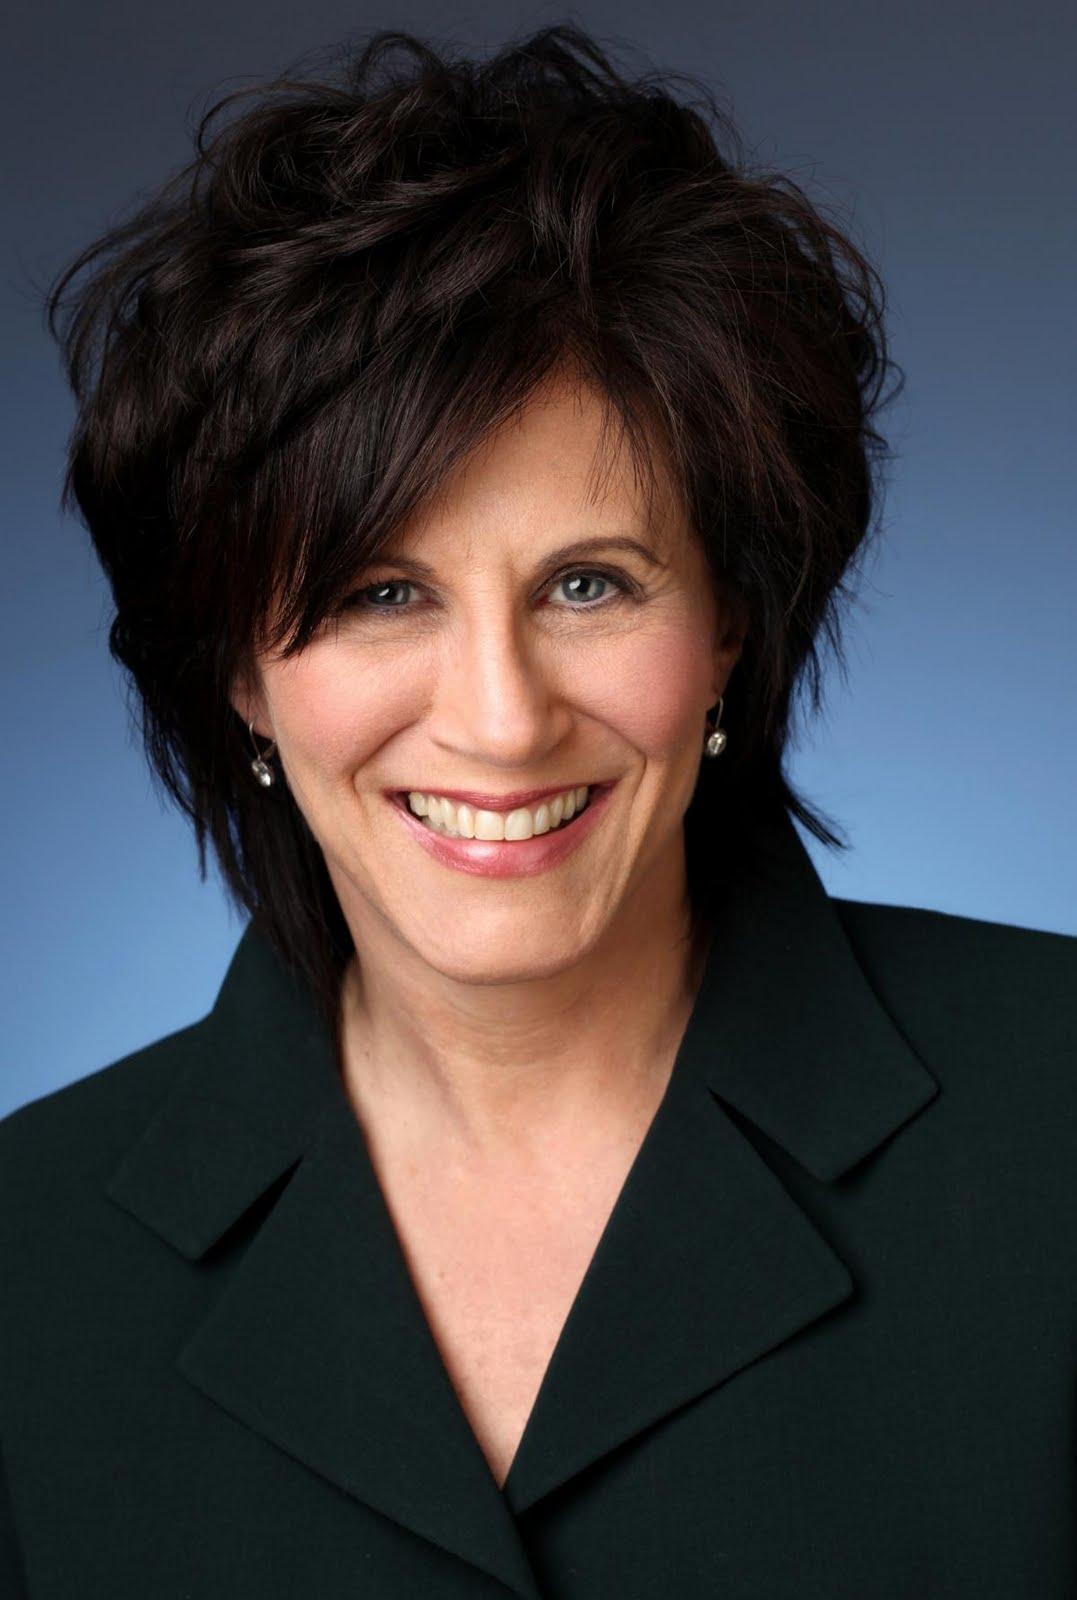 Cynthia Stroum